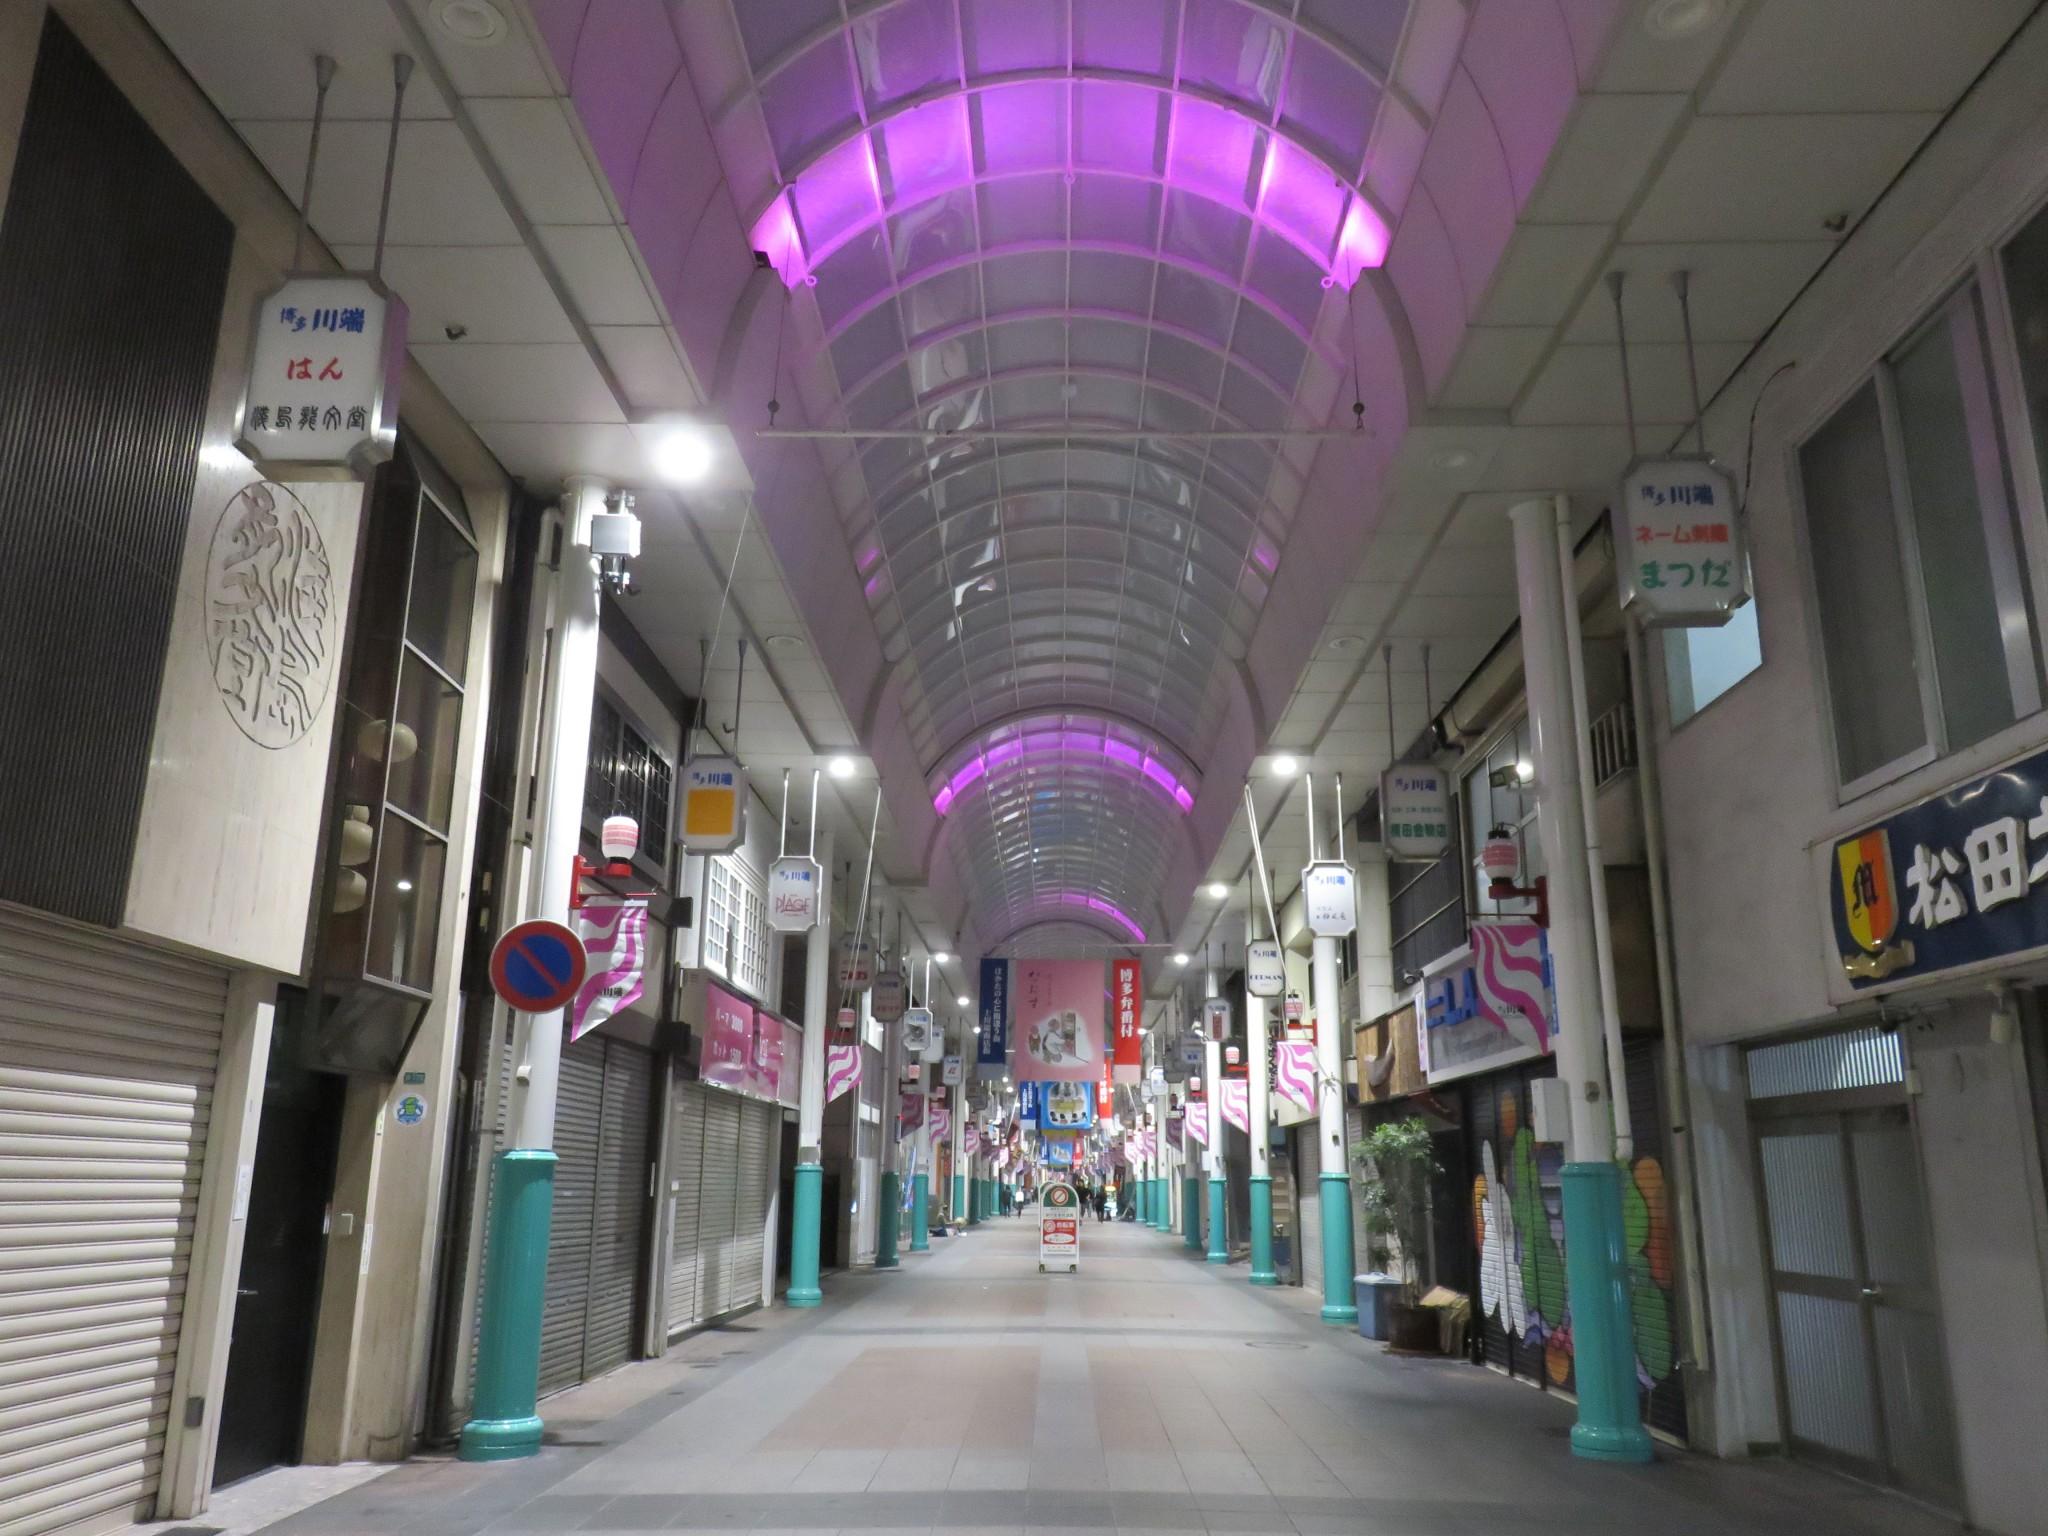 Kamikawabata Shopping Arcade in Fukuoka – Shopping with a cultural background!